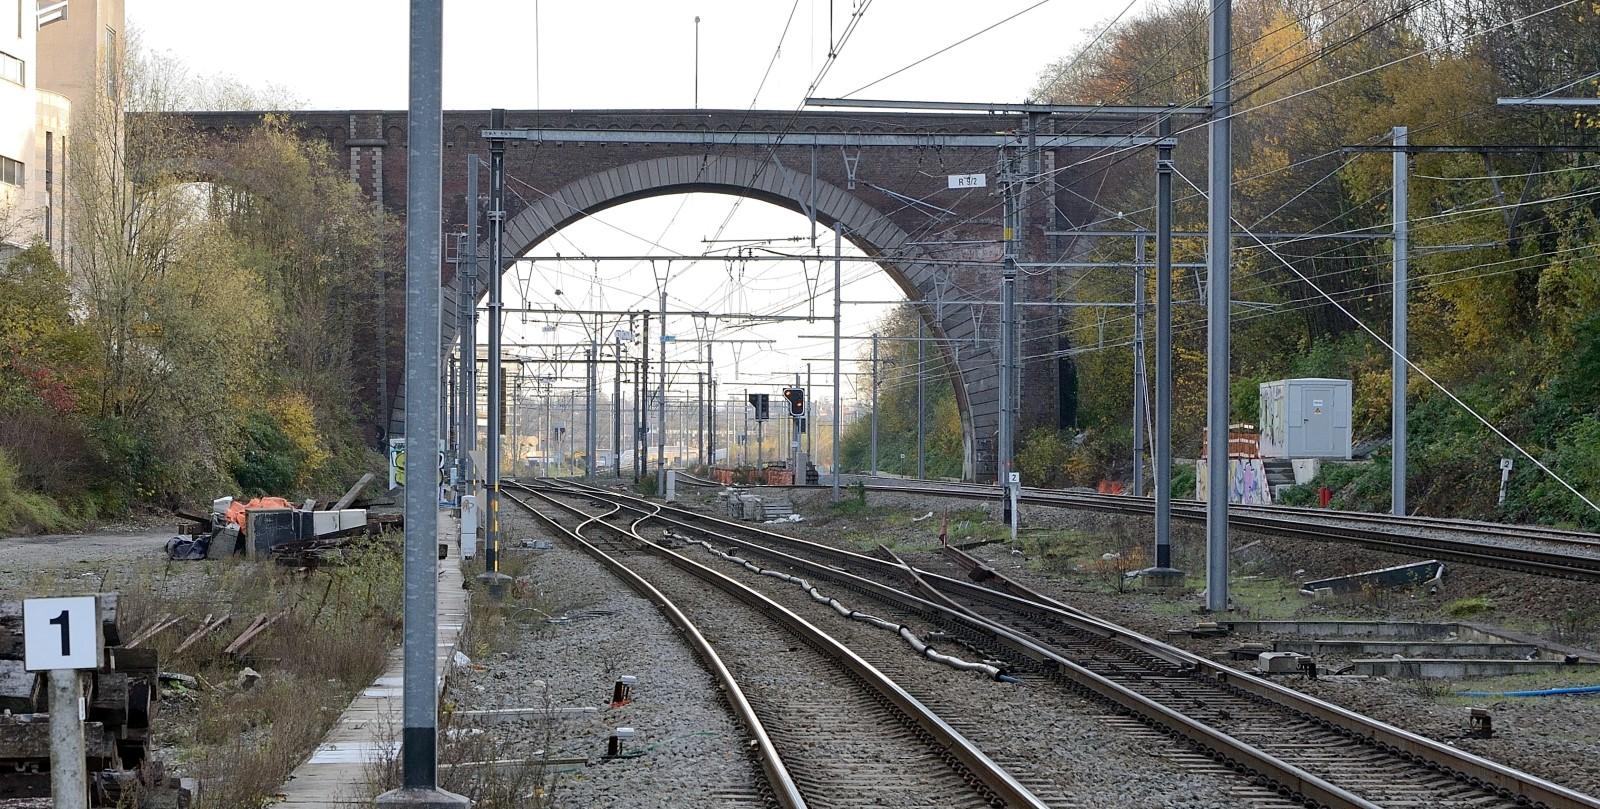 Avenue Arnaud Fraiteur, pont enjambant le chemin de fer, vue depuis la gare d'Etterbeek, 2014